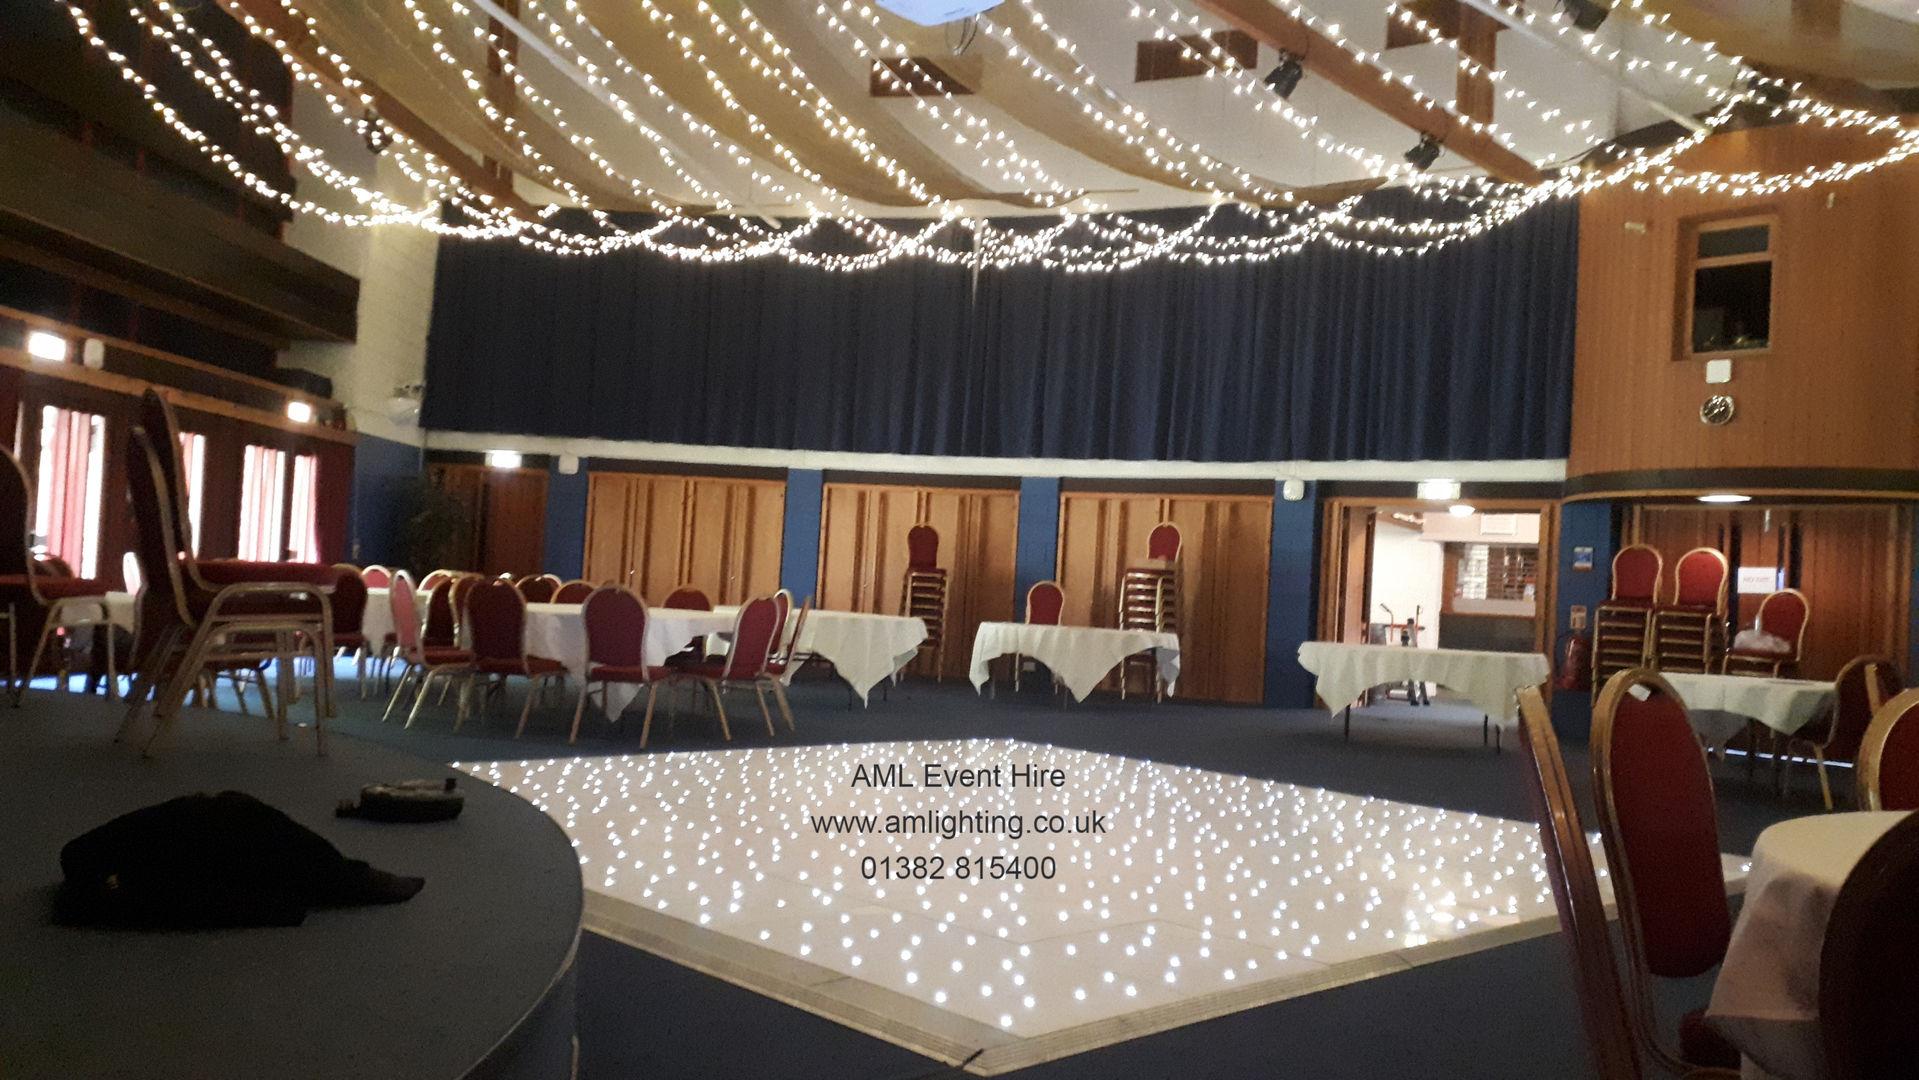 LED Dance Floor and Fairy Light Canopy